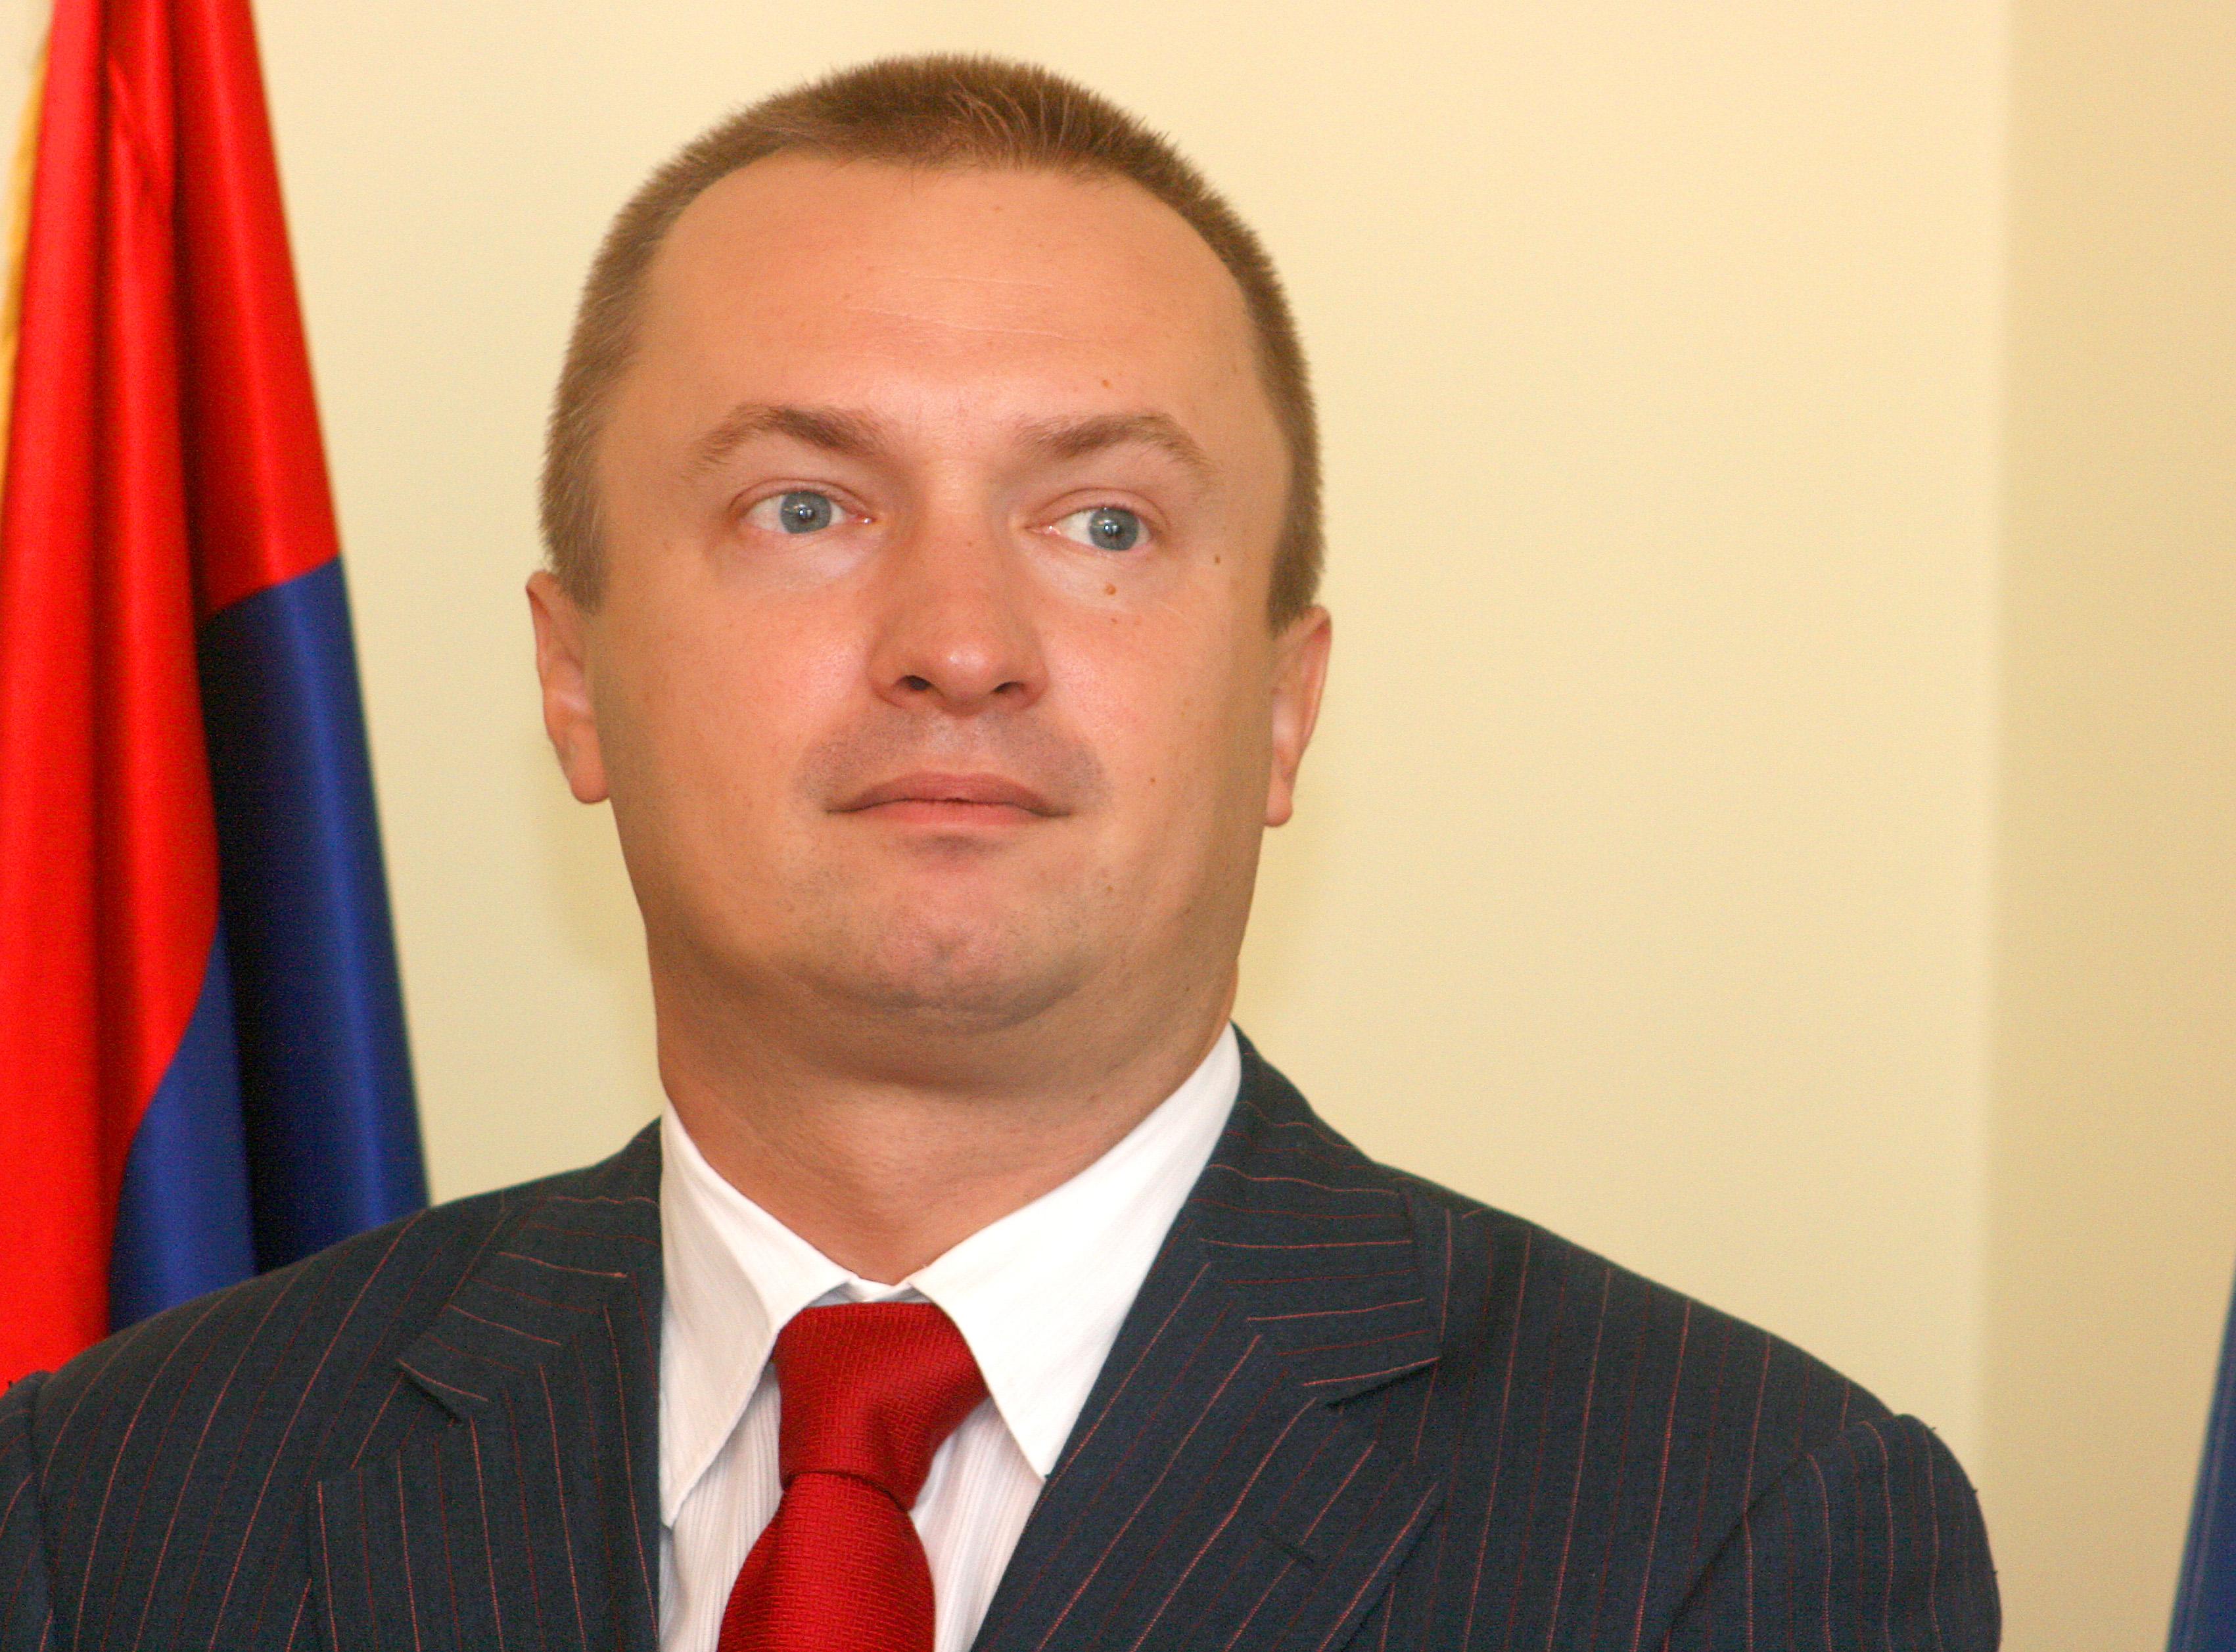 Serbia looks like North Korea, opposition leader says